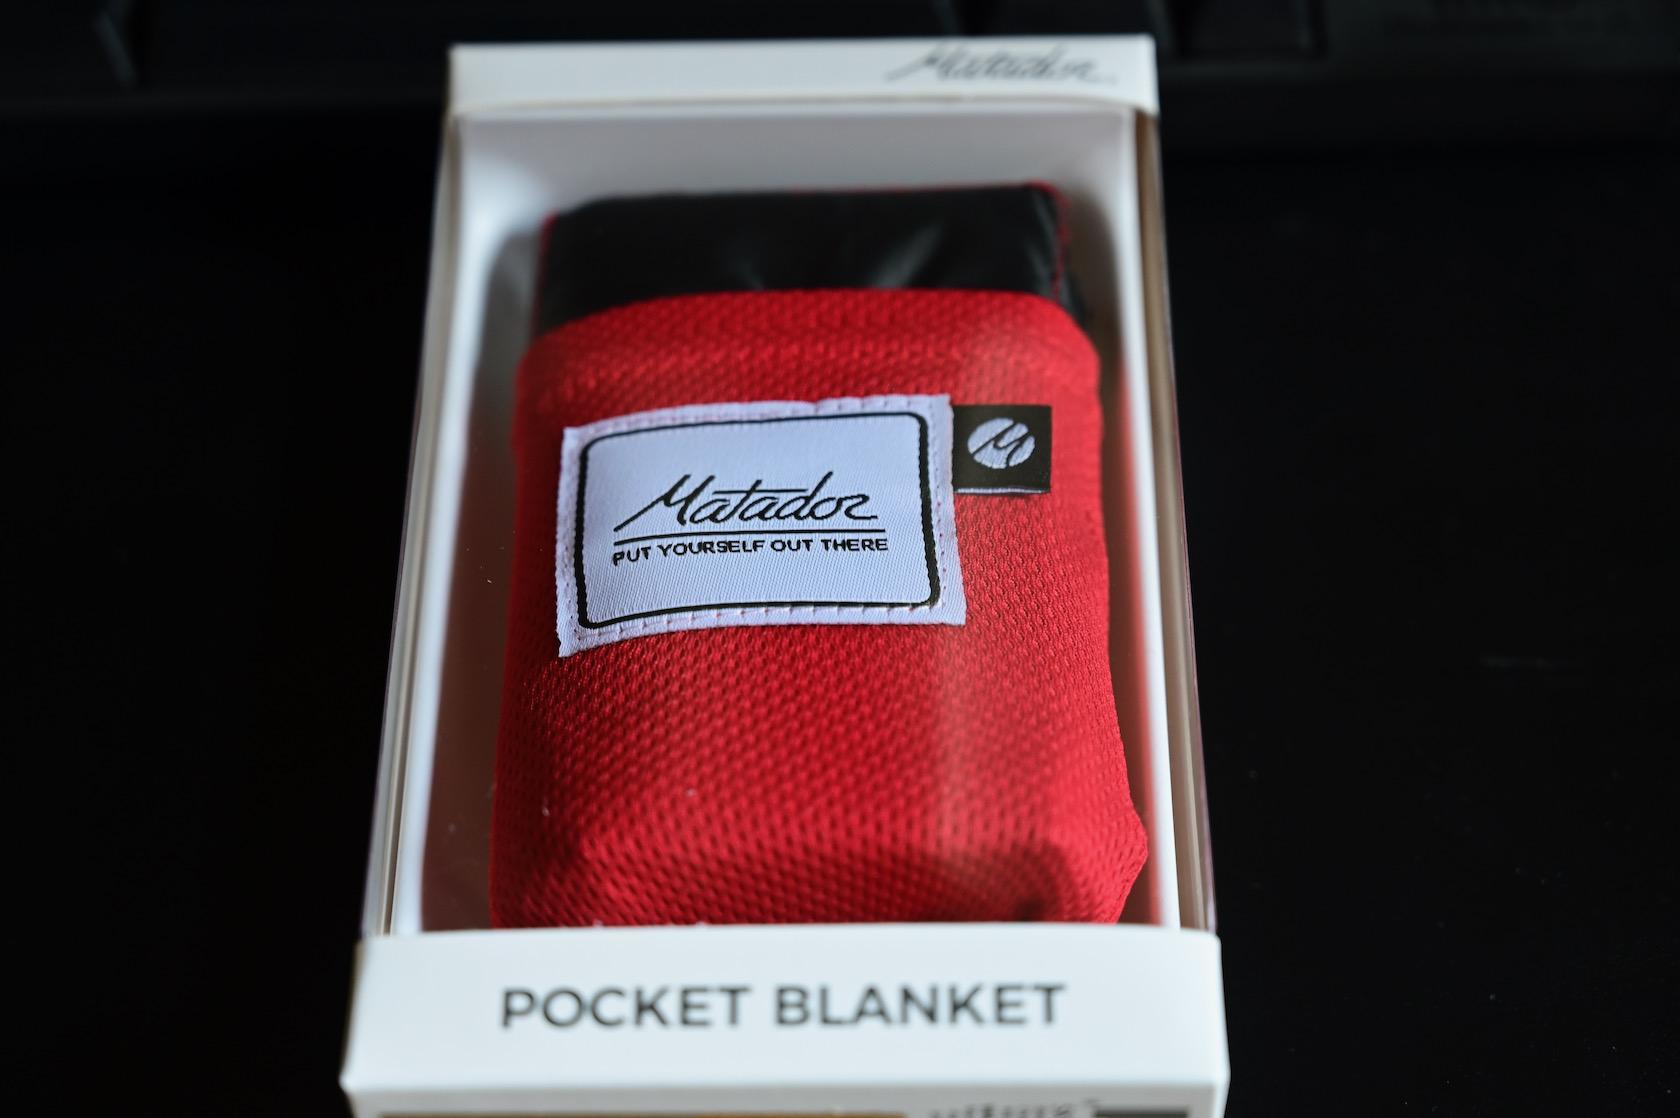 Matador の Pocket Blanket